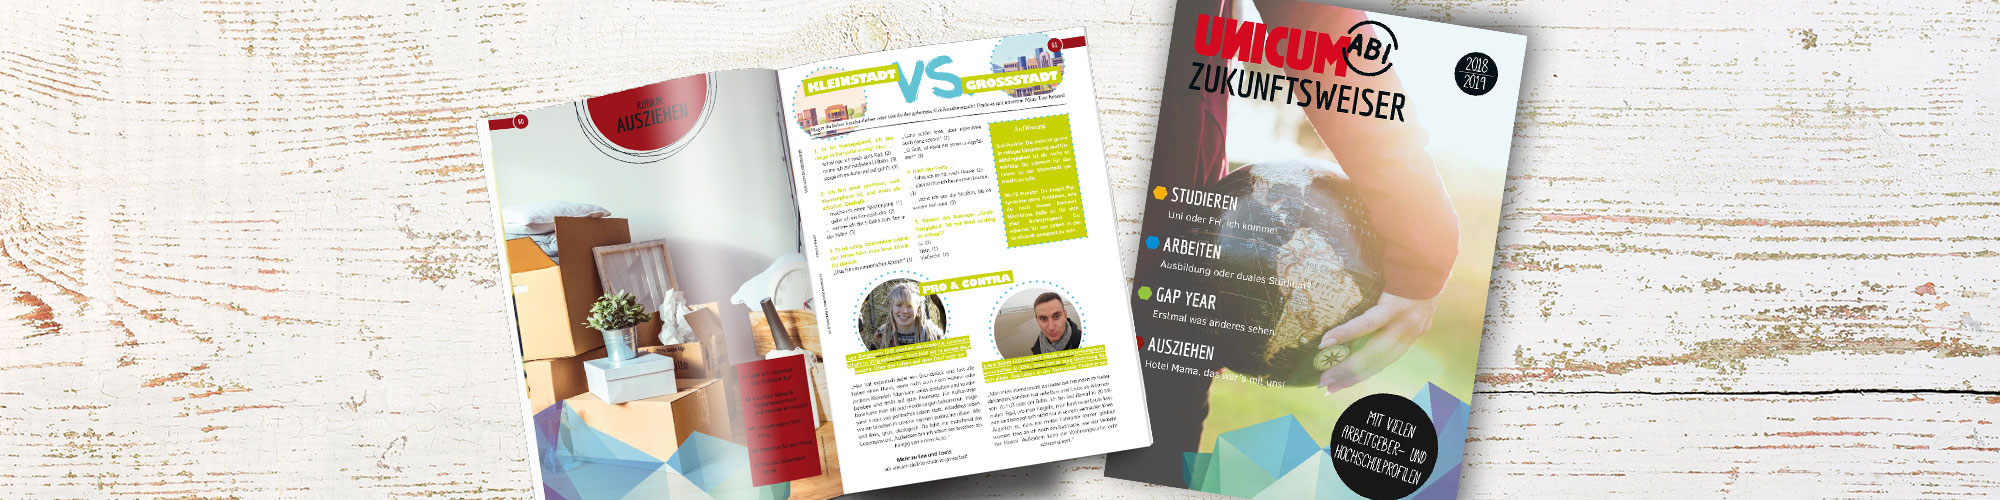 Das Cover und der Innenteil des UNICUM ABI Zukunftsweisers